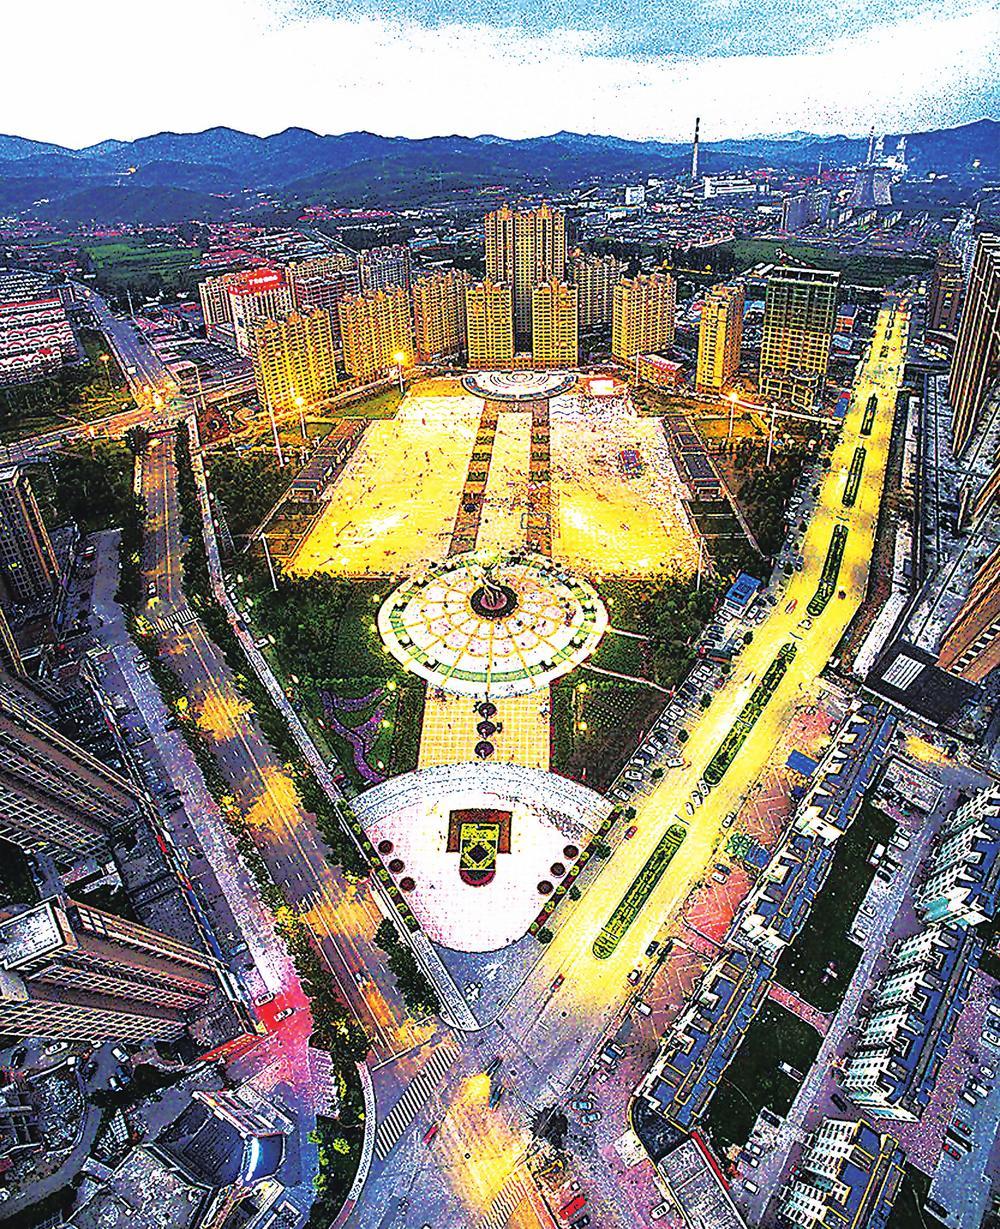 http://www.edaojz.cn/yuleshishang/233252.html